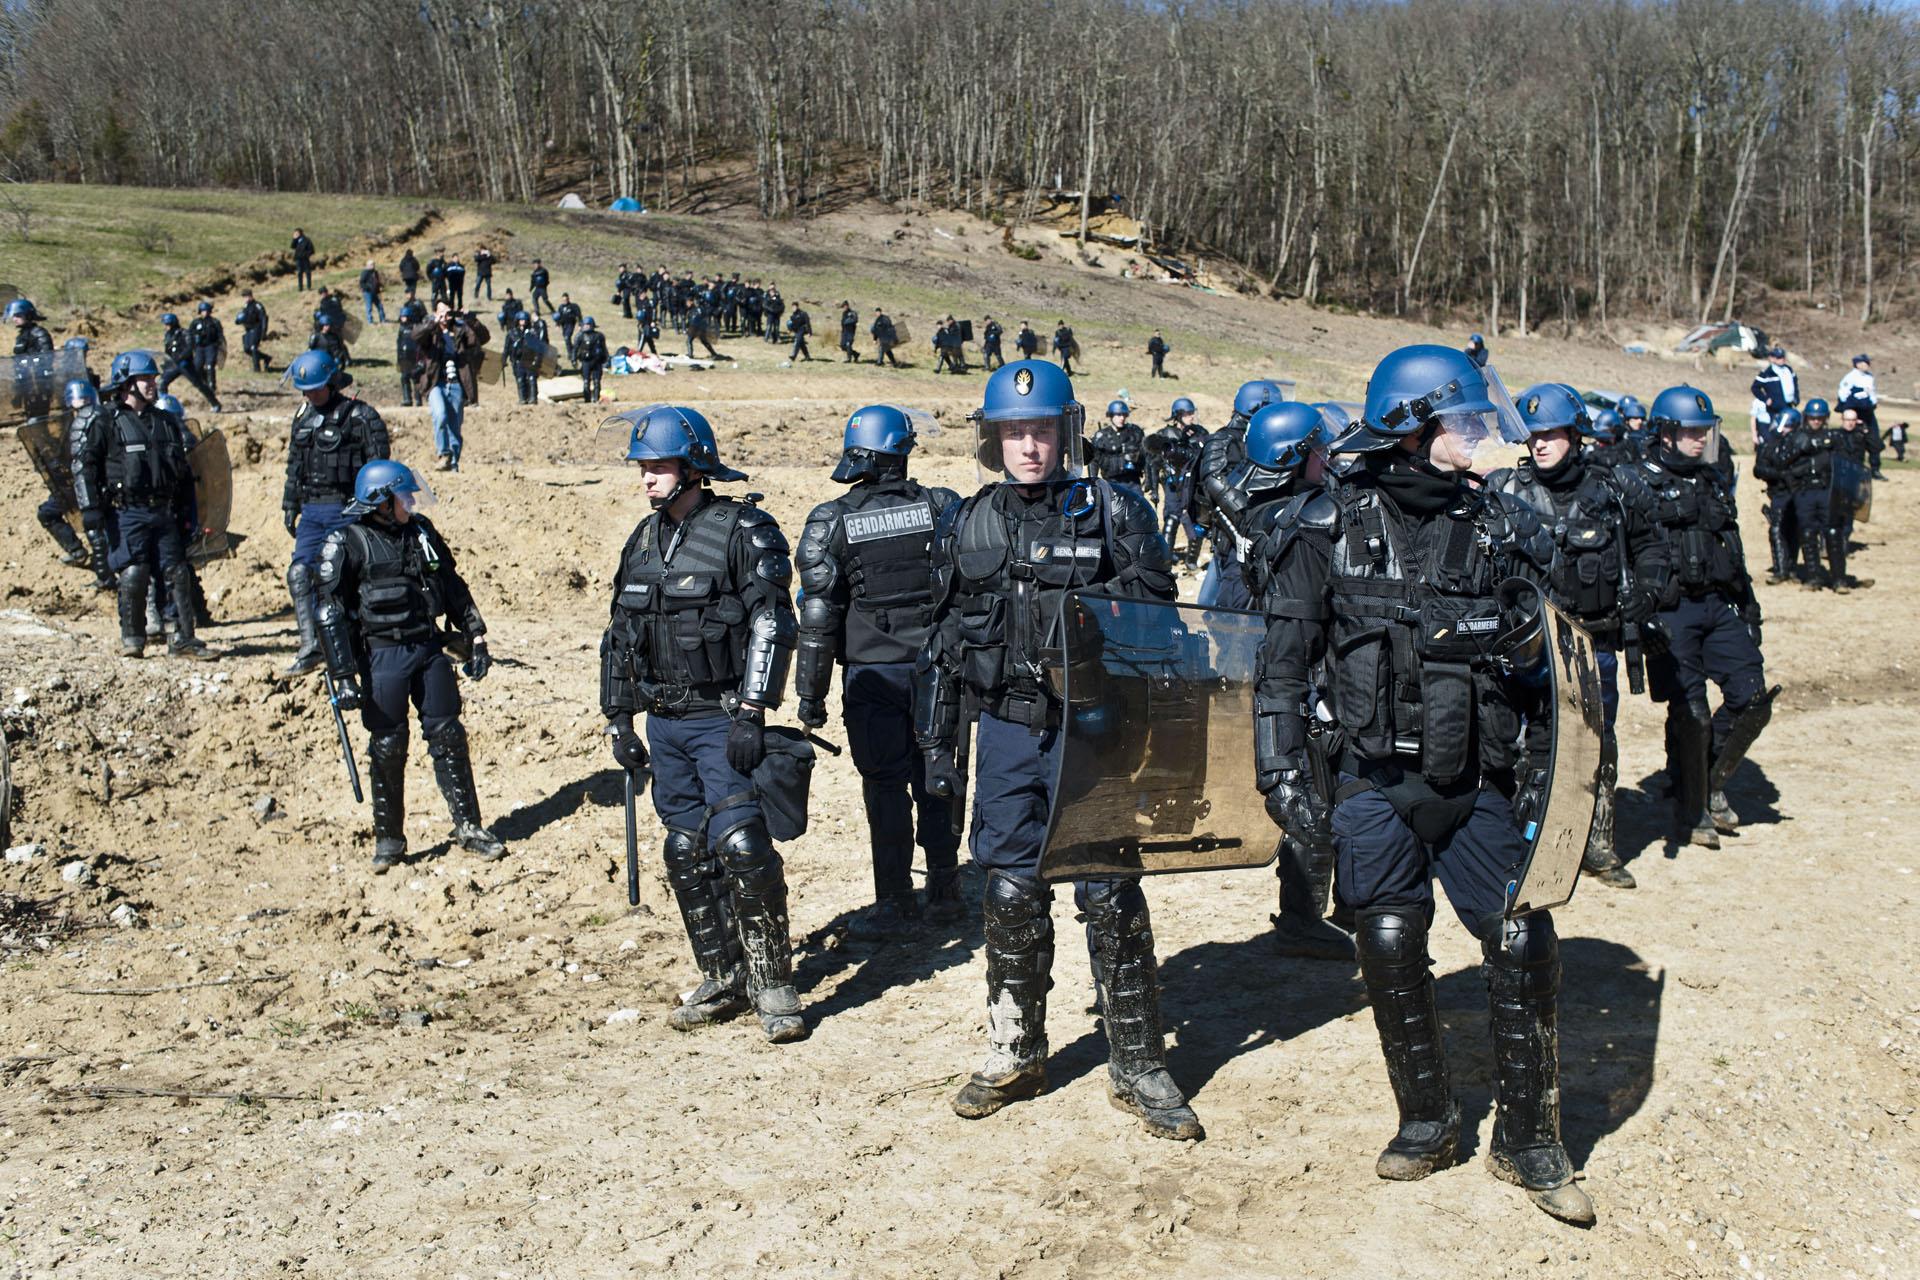 Zone à Défendre de Sivens, commune de Lisle sur Tarn (81). Le 5 mars 2015, les forces de l'ordre procèdent à l'expulsion du site.Plus de 300 gendarmes mobiles et unités spéciales ont été déployés sur le site occupé ce matin par une quarantaine d'opposants au projet.